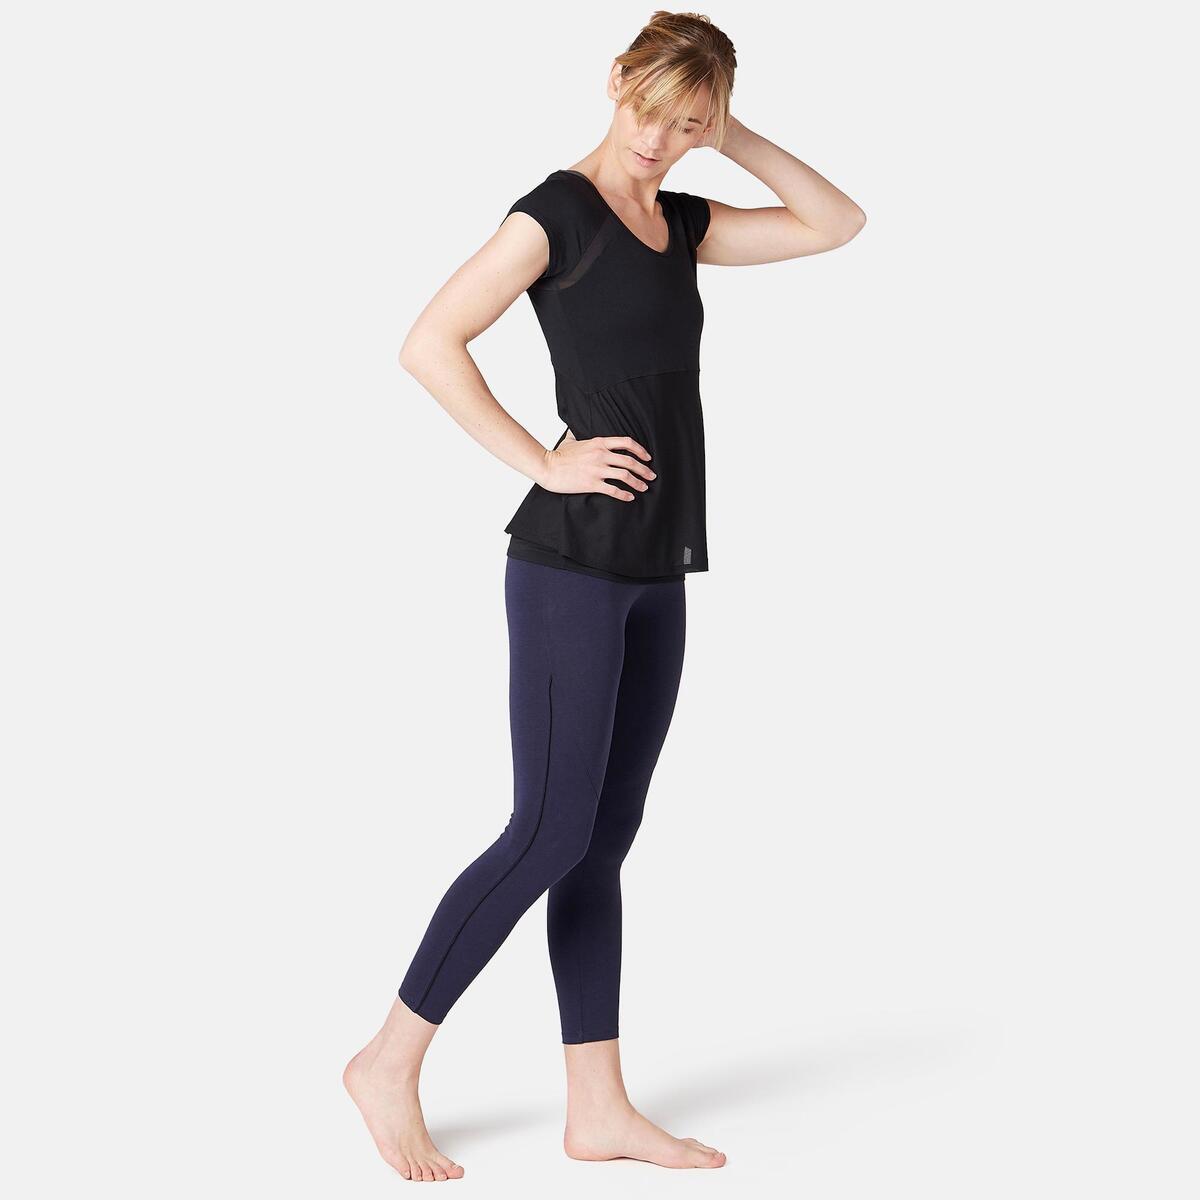 Bild 3 von 7/8-Leggings 510 Gym & Pilates Damen marineblau/schwarz